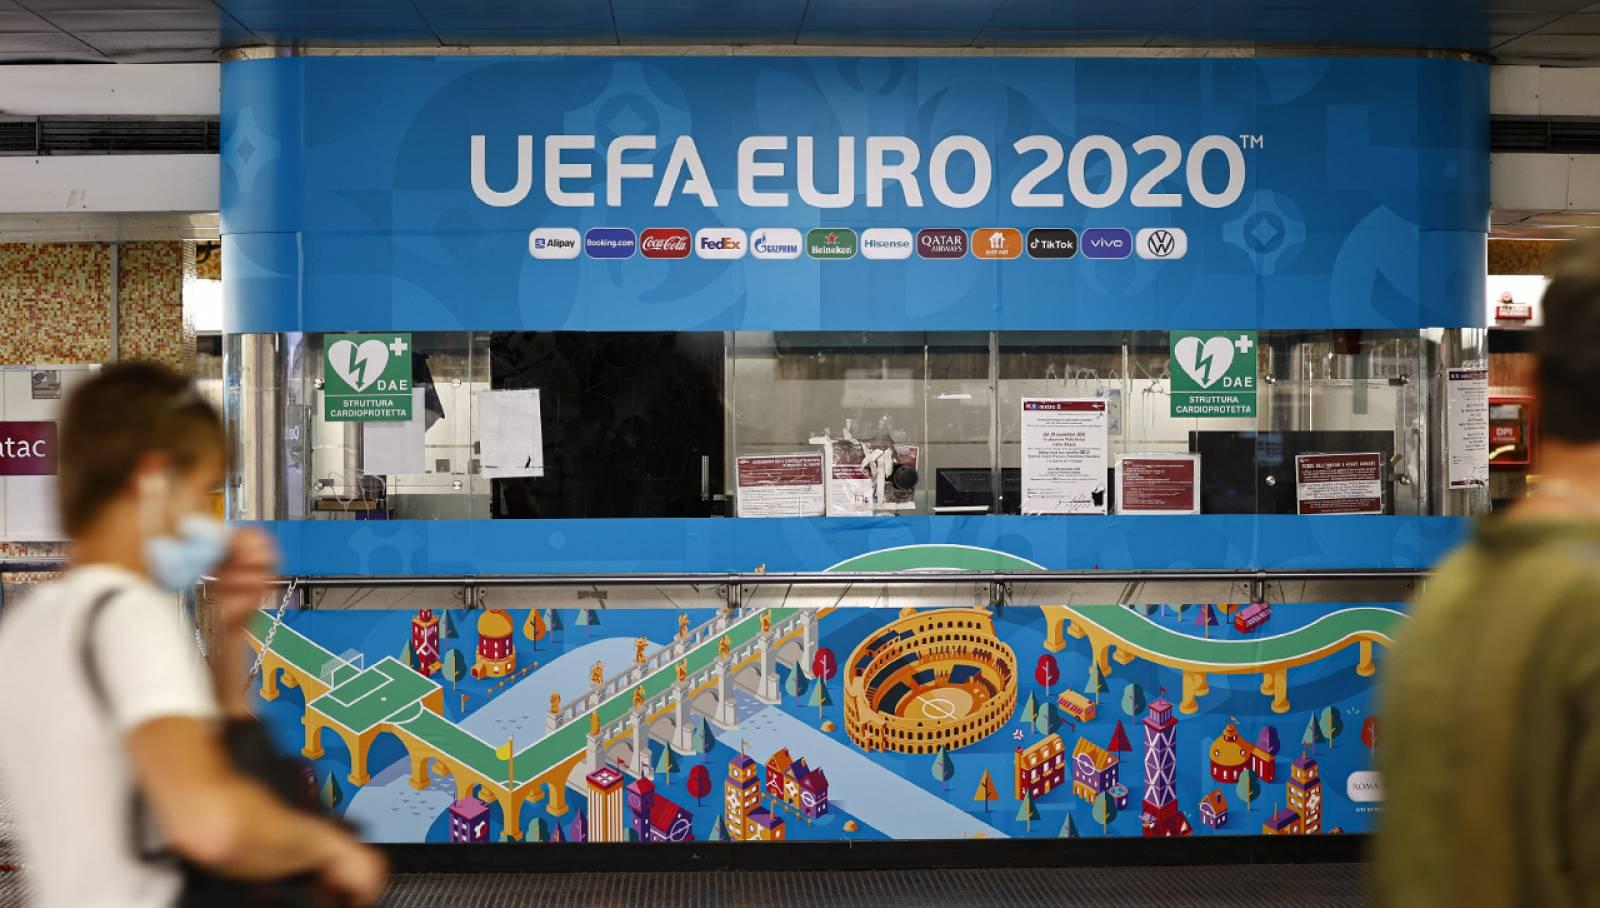 Pubblicità in metropolitana a Roma Flaminio Station Domination IGPDecaux per UEFA 2020